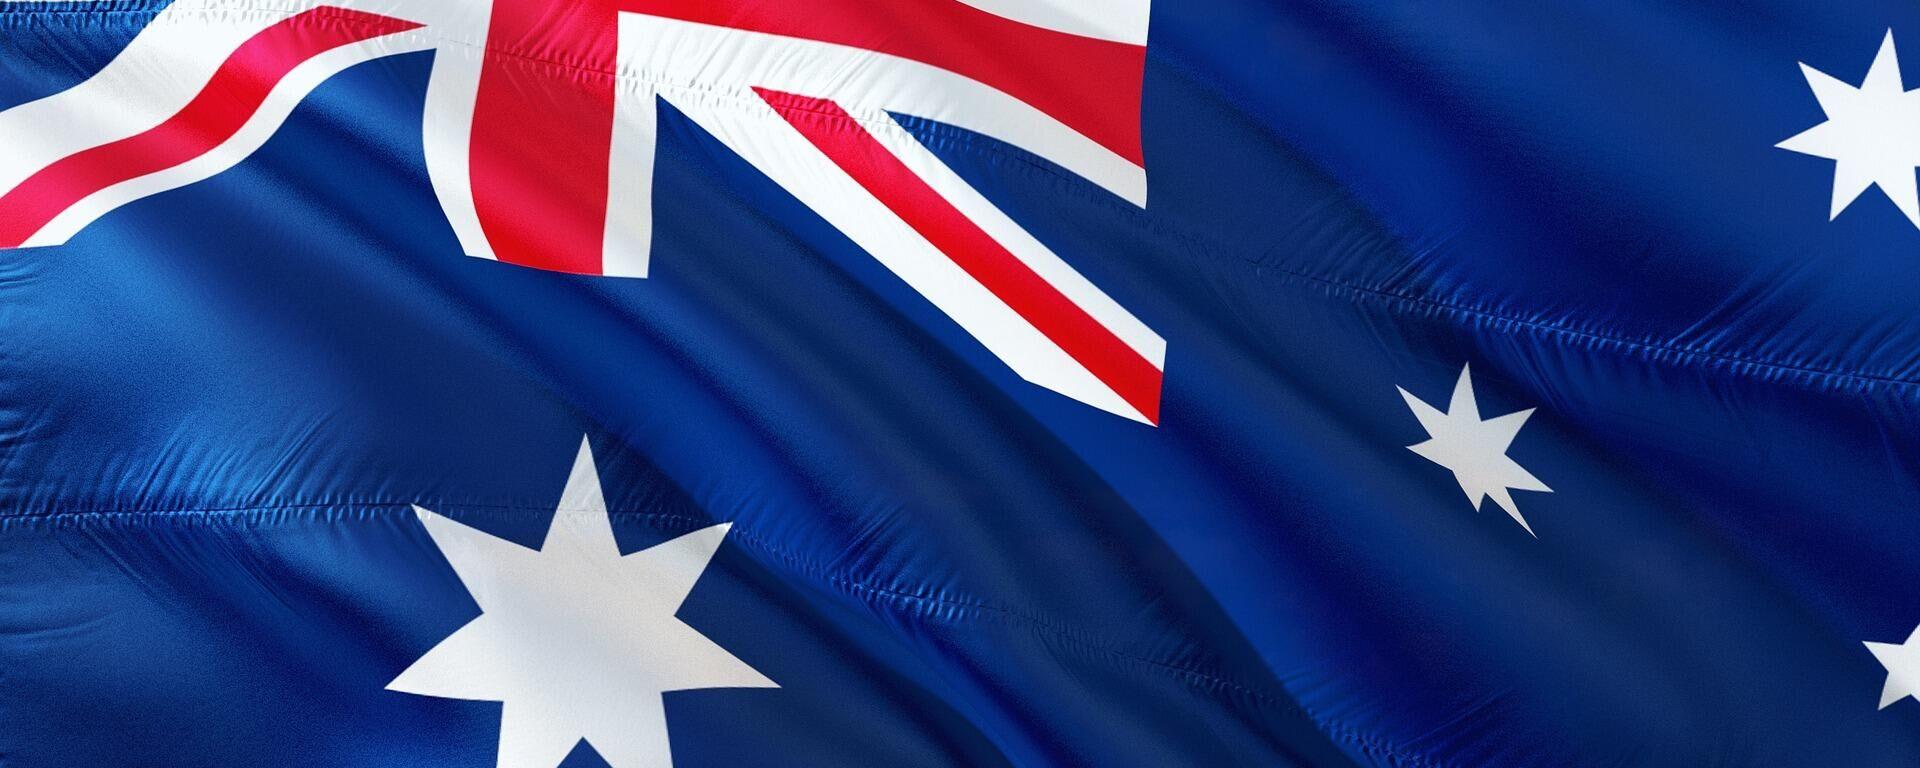 La bandera de Australia - Sputnik Mundo, 1920, 01.10.2021